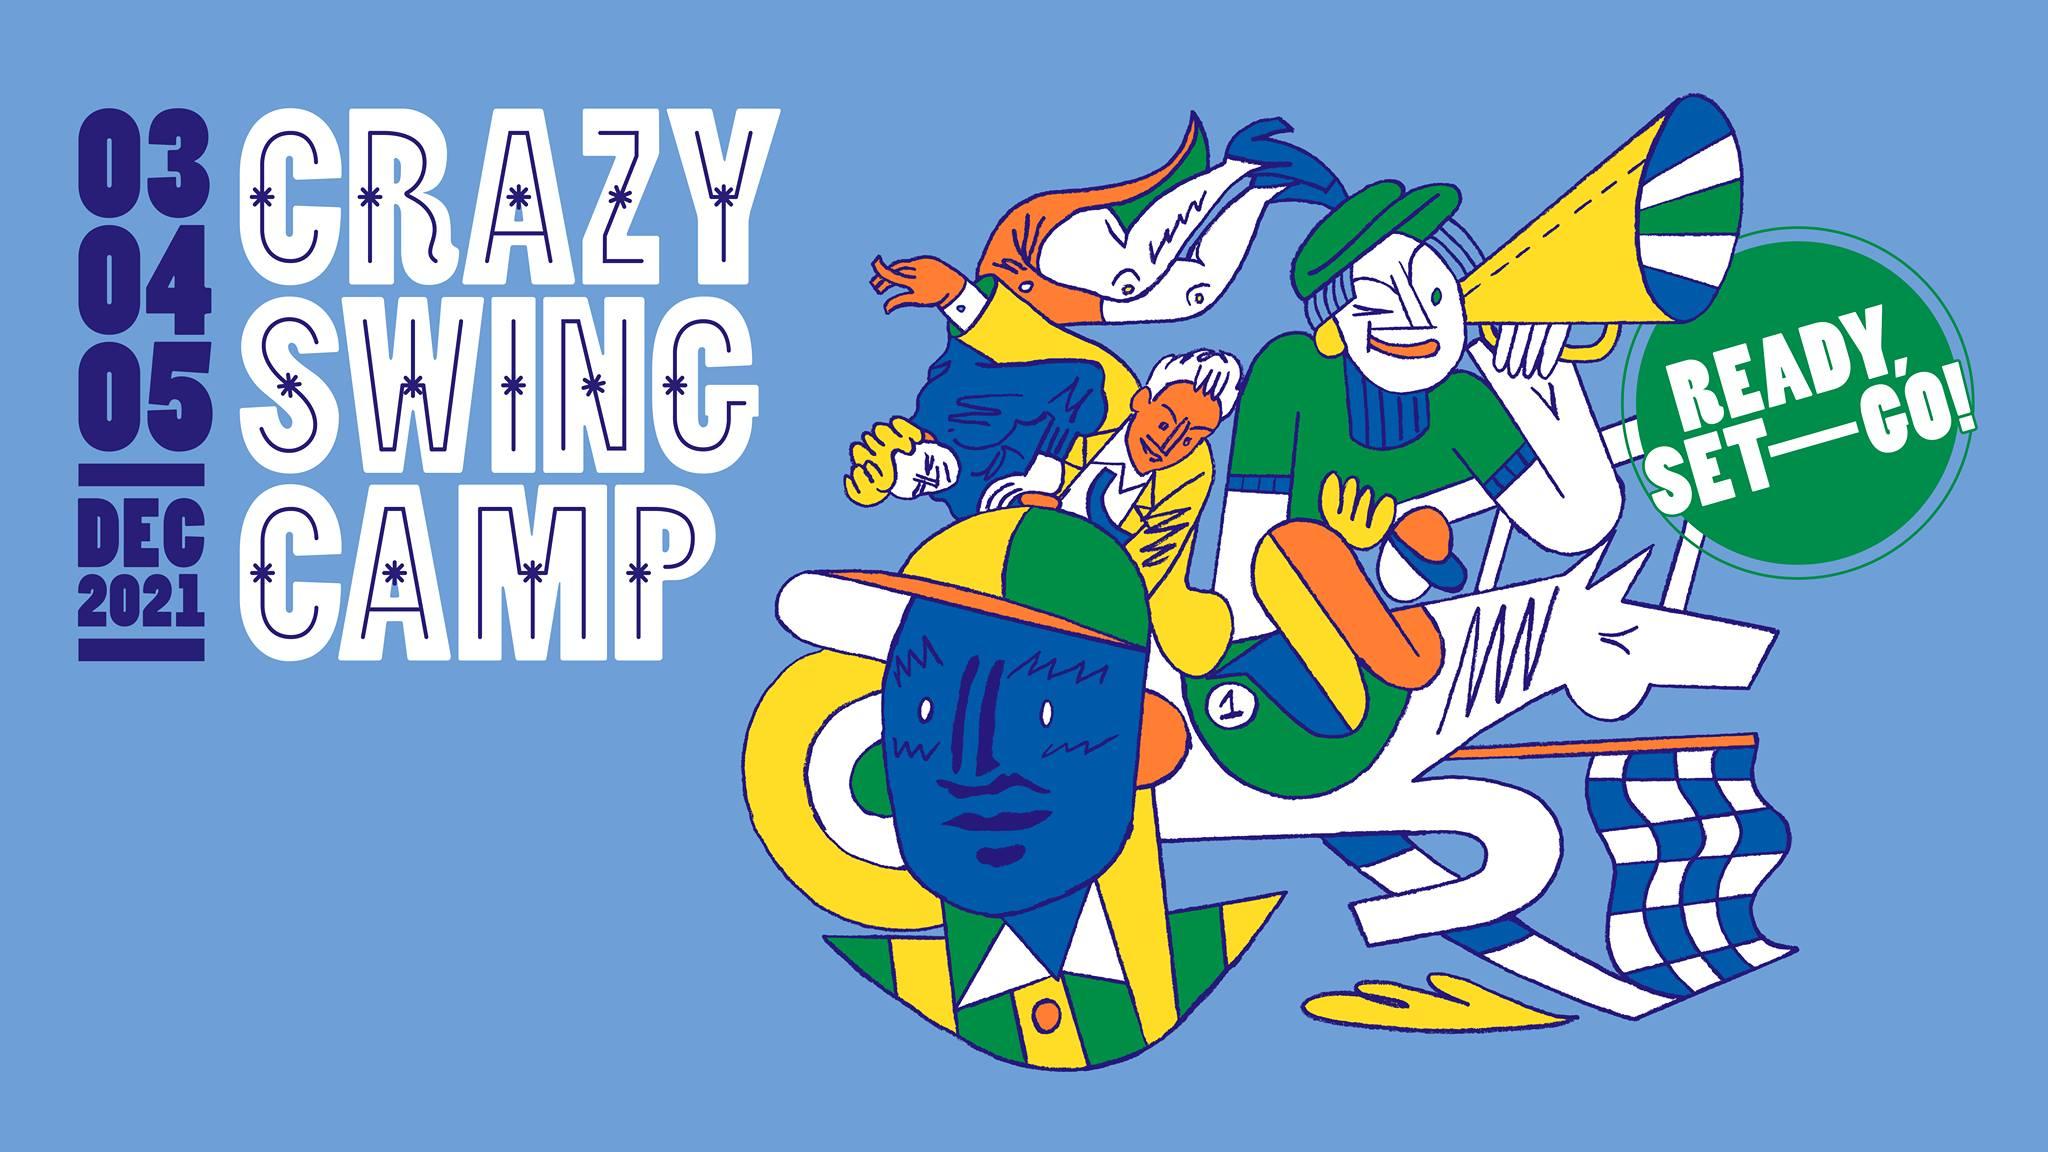 Crazy Swing 2021